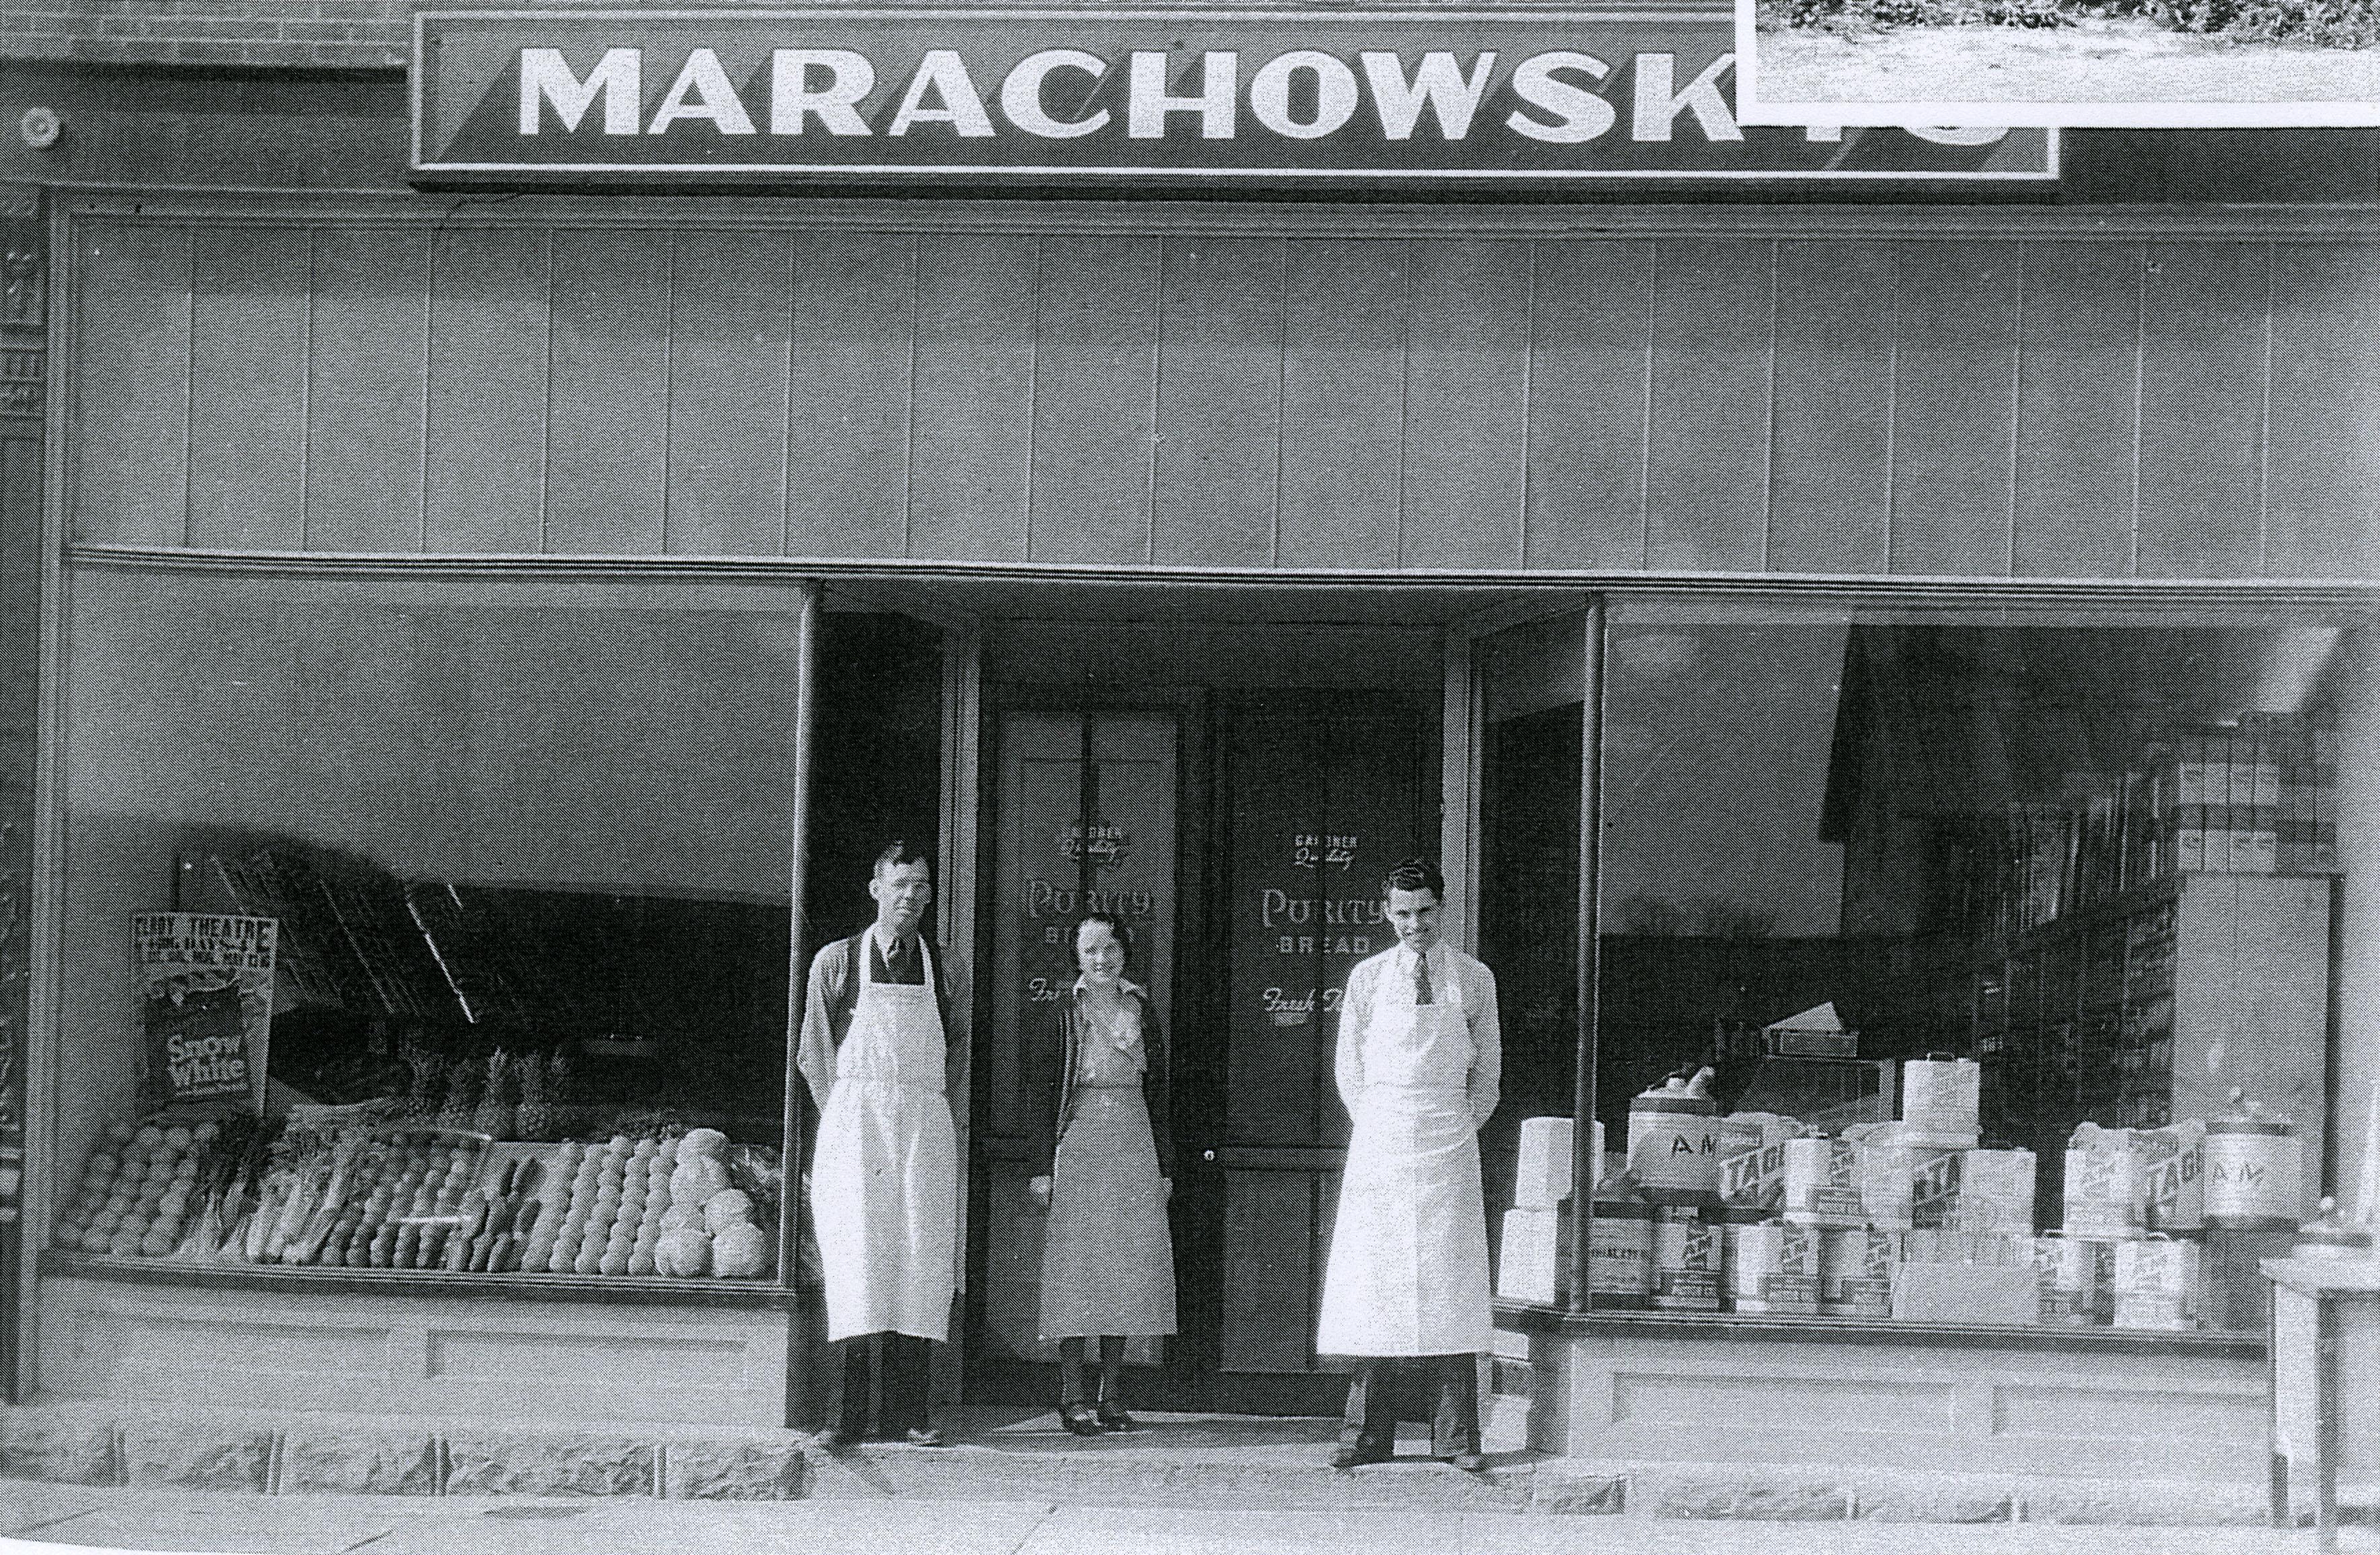 Marachowski's store opening.